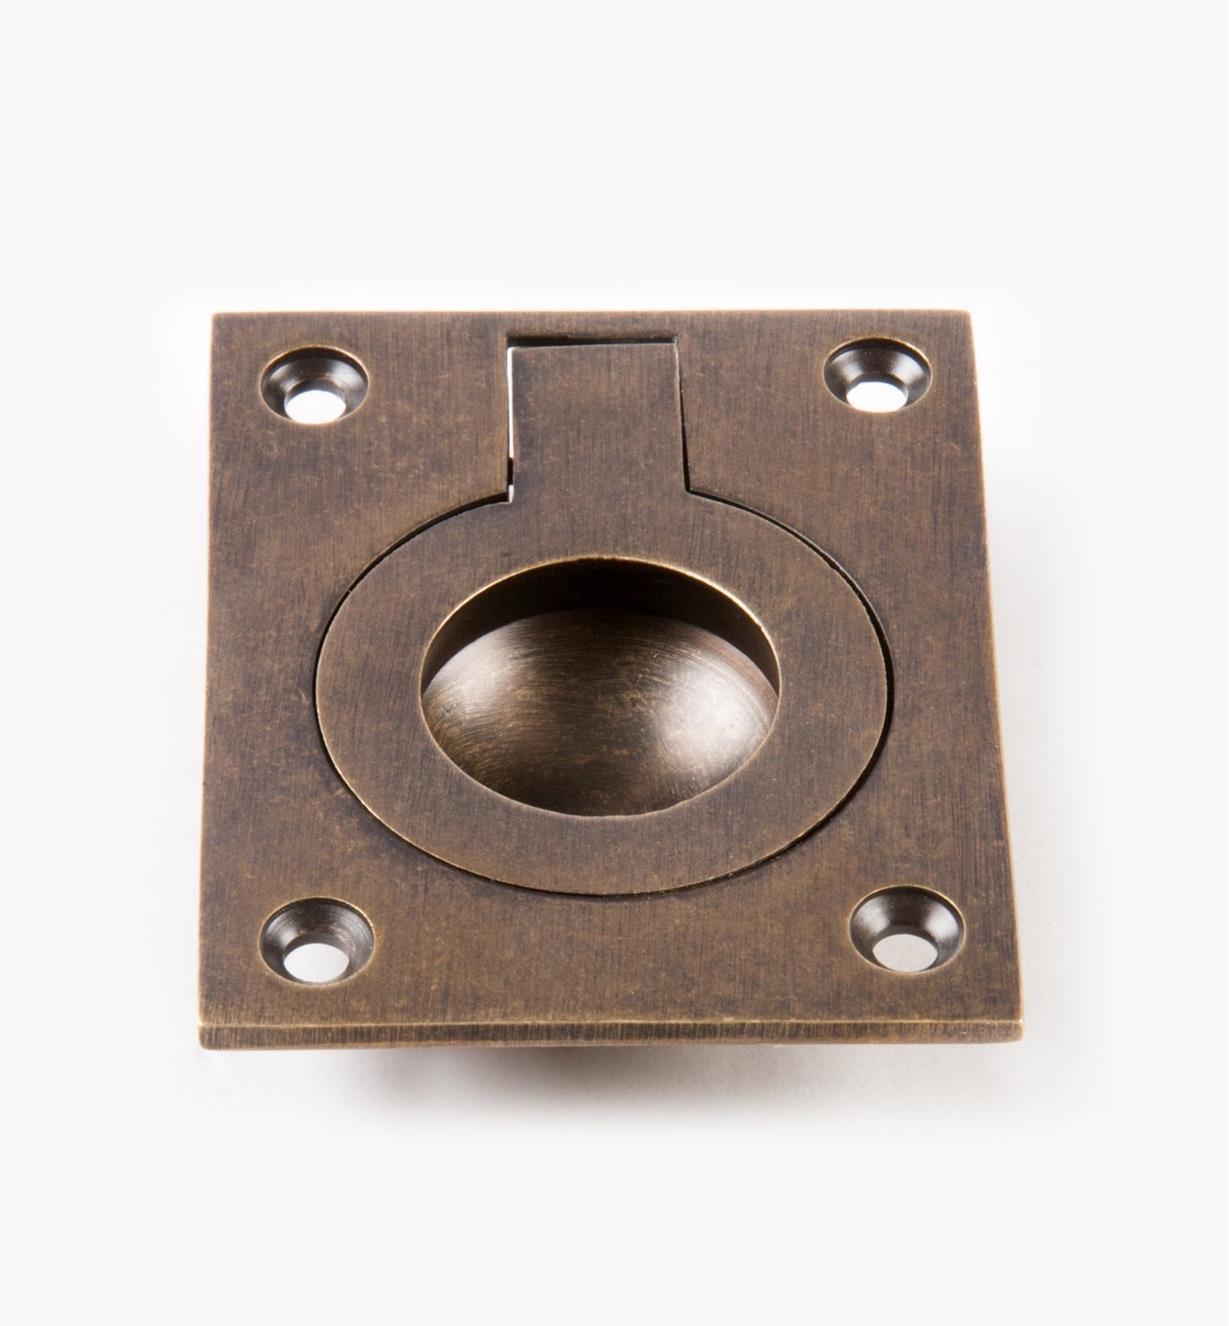 00A1836 - Poignée à anneau encastré forgéerectangulaire, 2pox21/2po